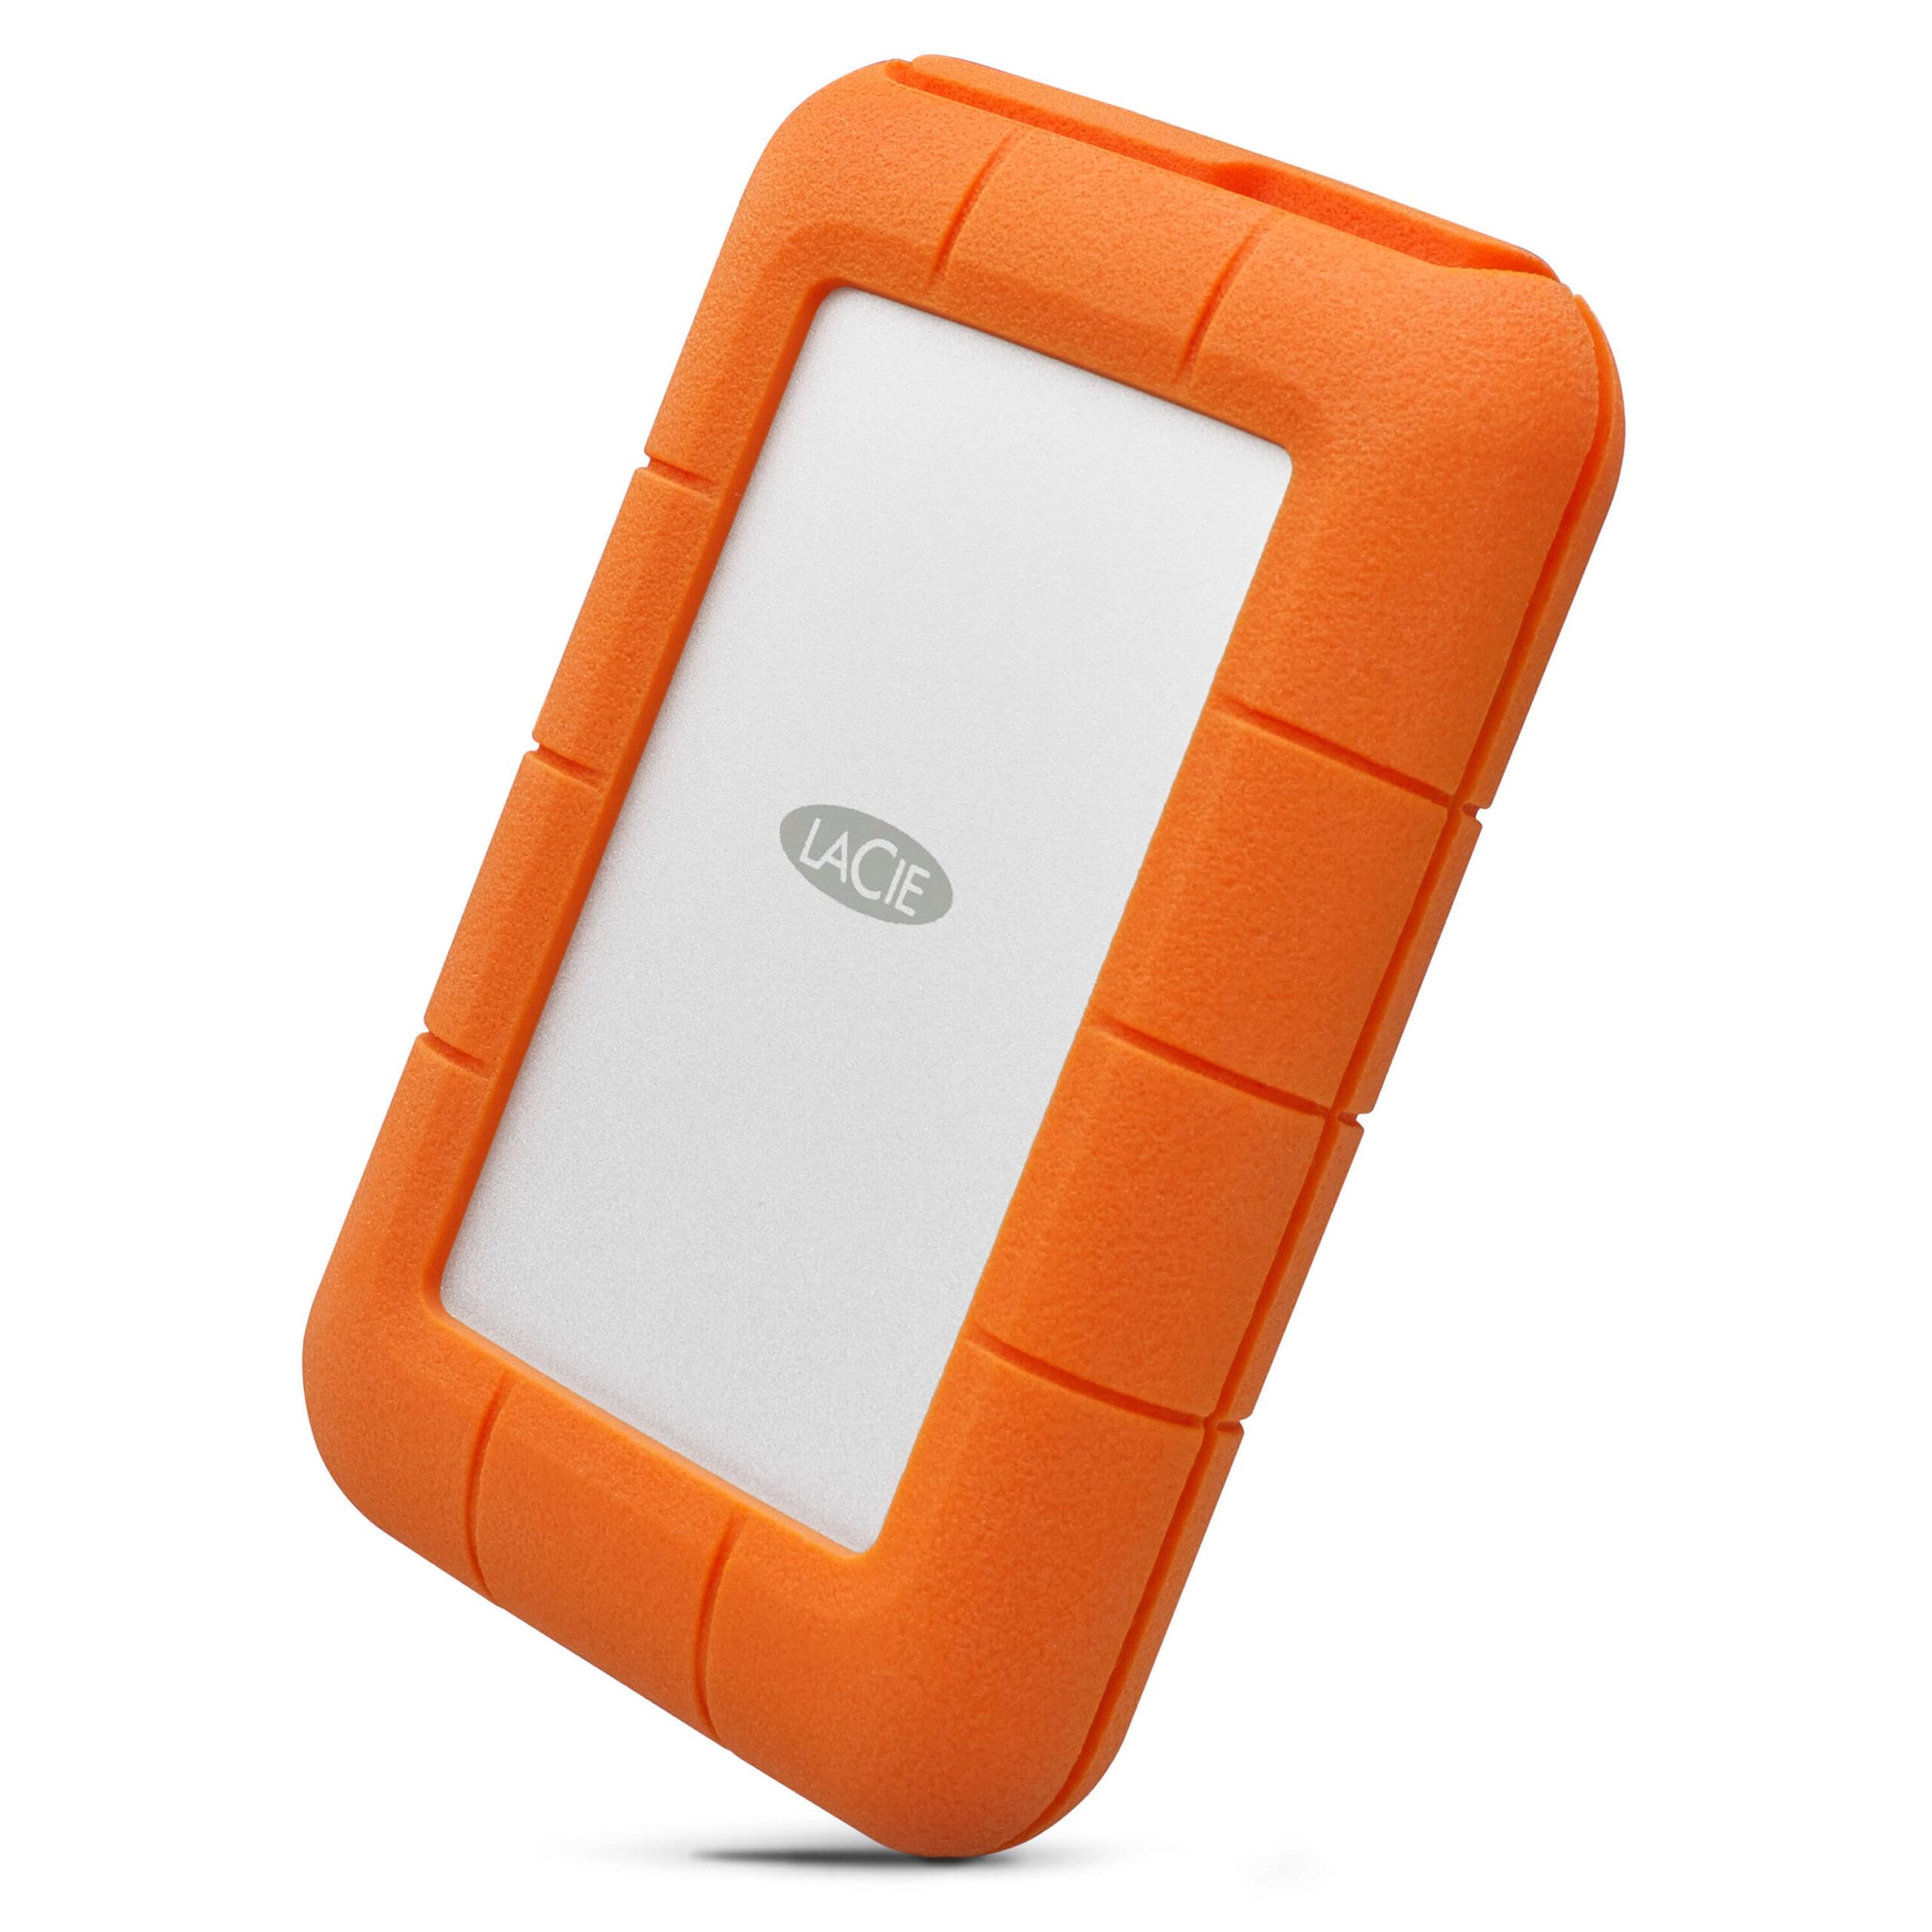 כונן גיבוי חיצוני חזק מאוד,עמיד ברטיבות ואבק Lacie Rugged Thunderbolt Usb-C SSD